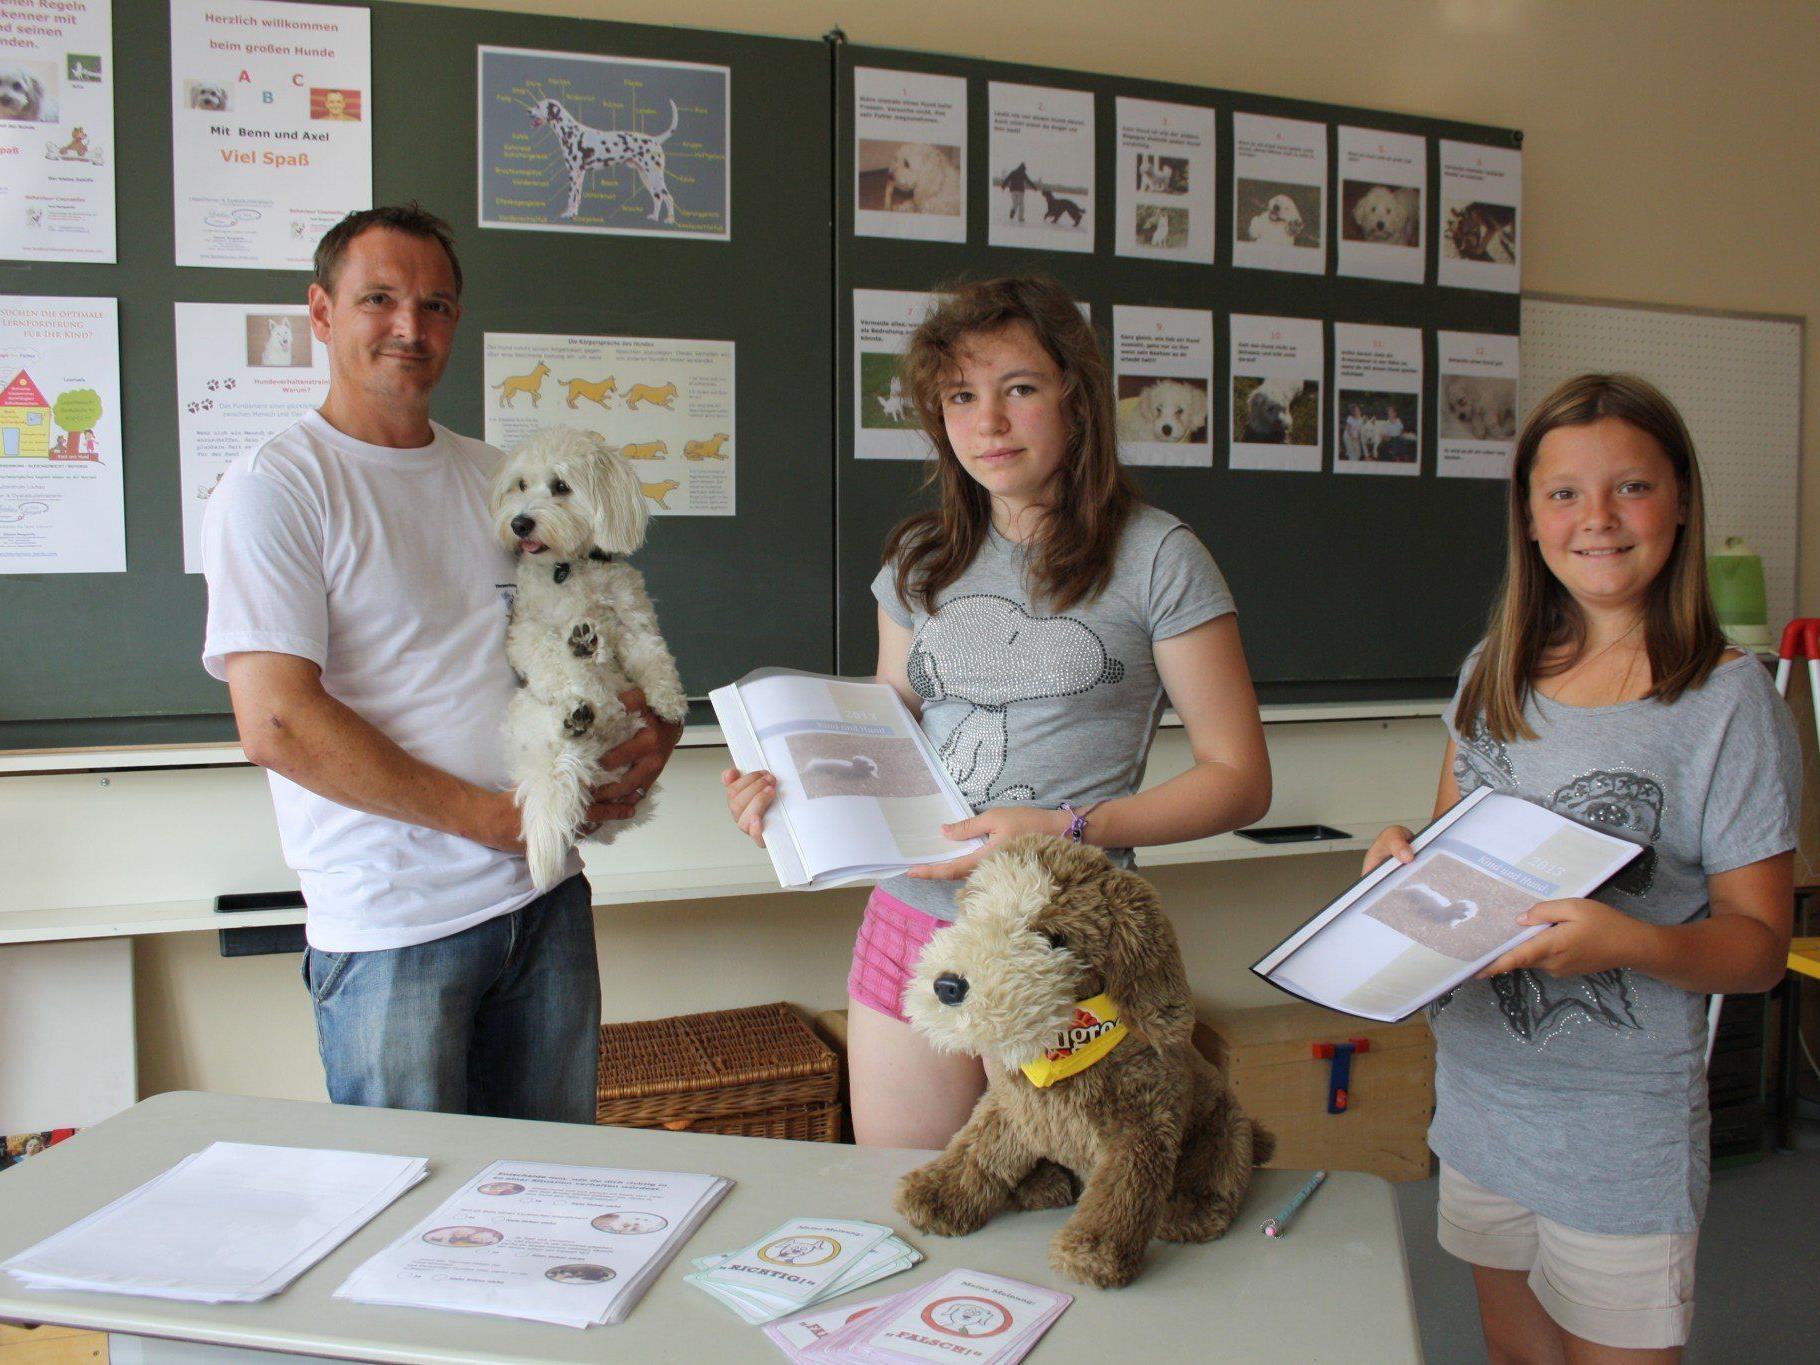 Lea und Anna mit Hundeverhaltenstrainer Axel Marguerite beim Workshop.